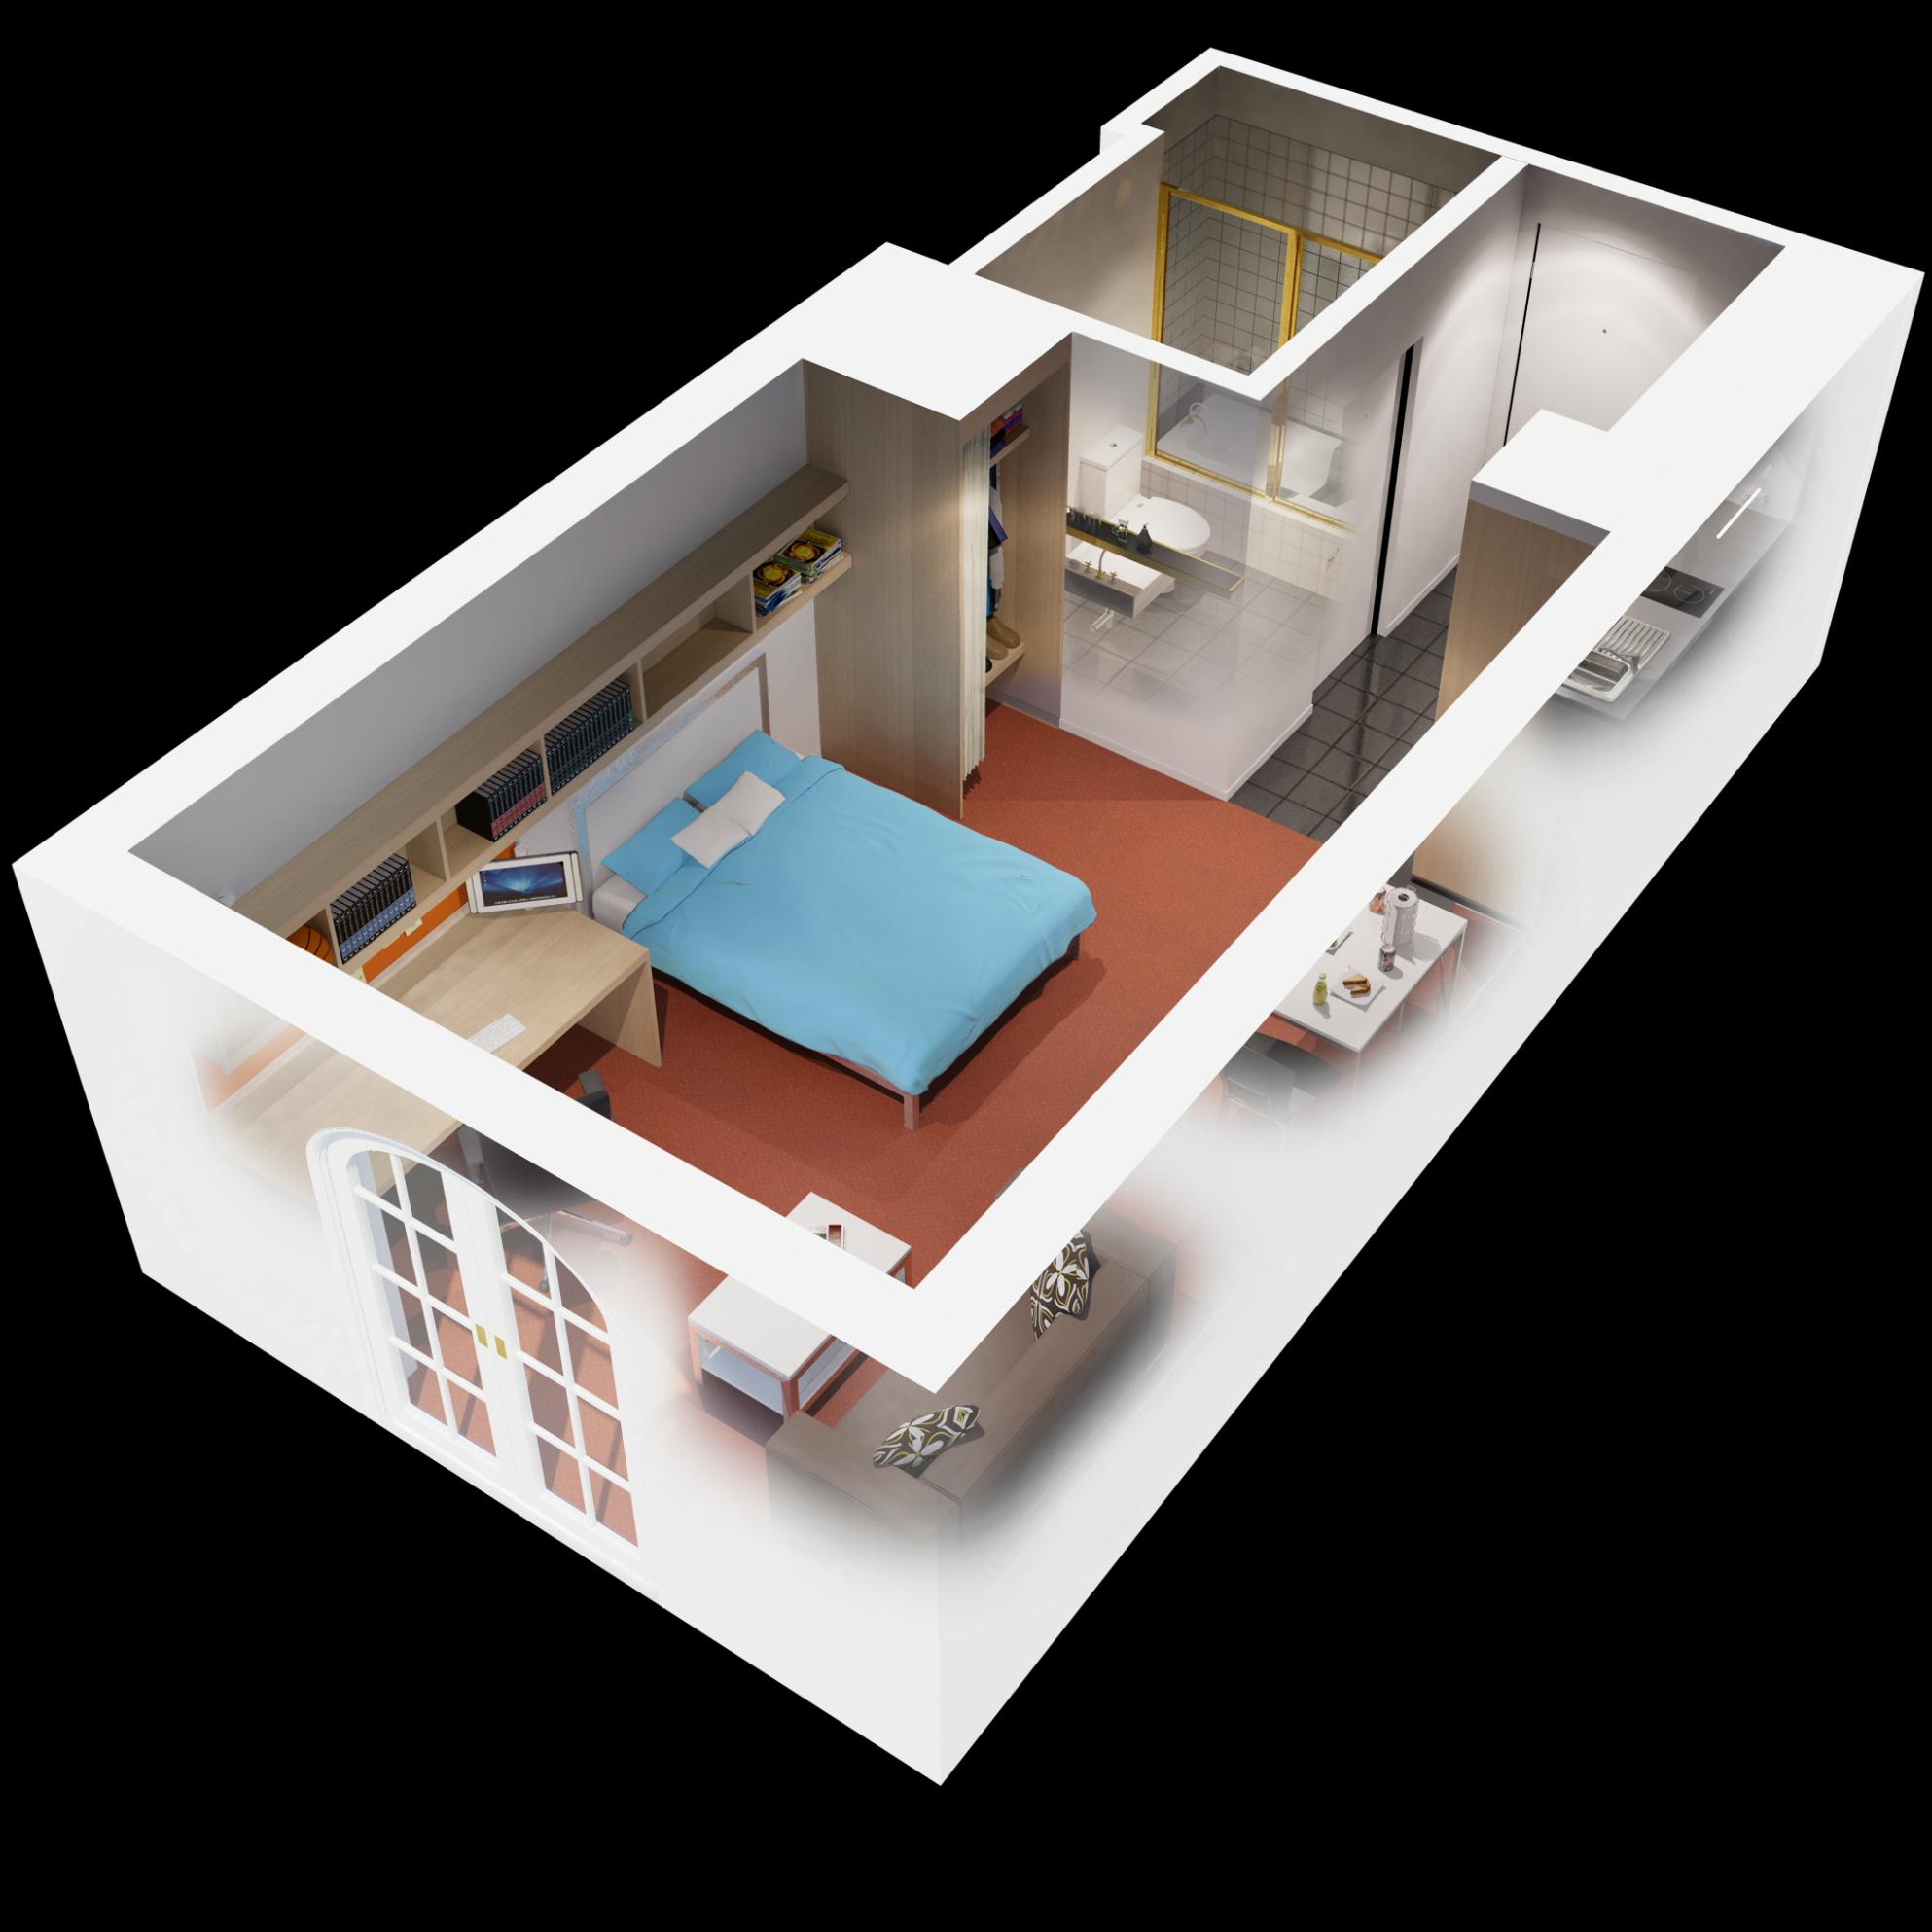 Apartments, 8d Floor Plan 8 Bedroom Apartment Design Idea: Which 8  - Apartment Design One Bedroom